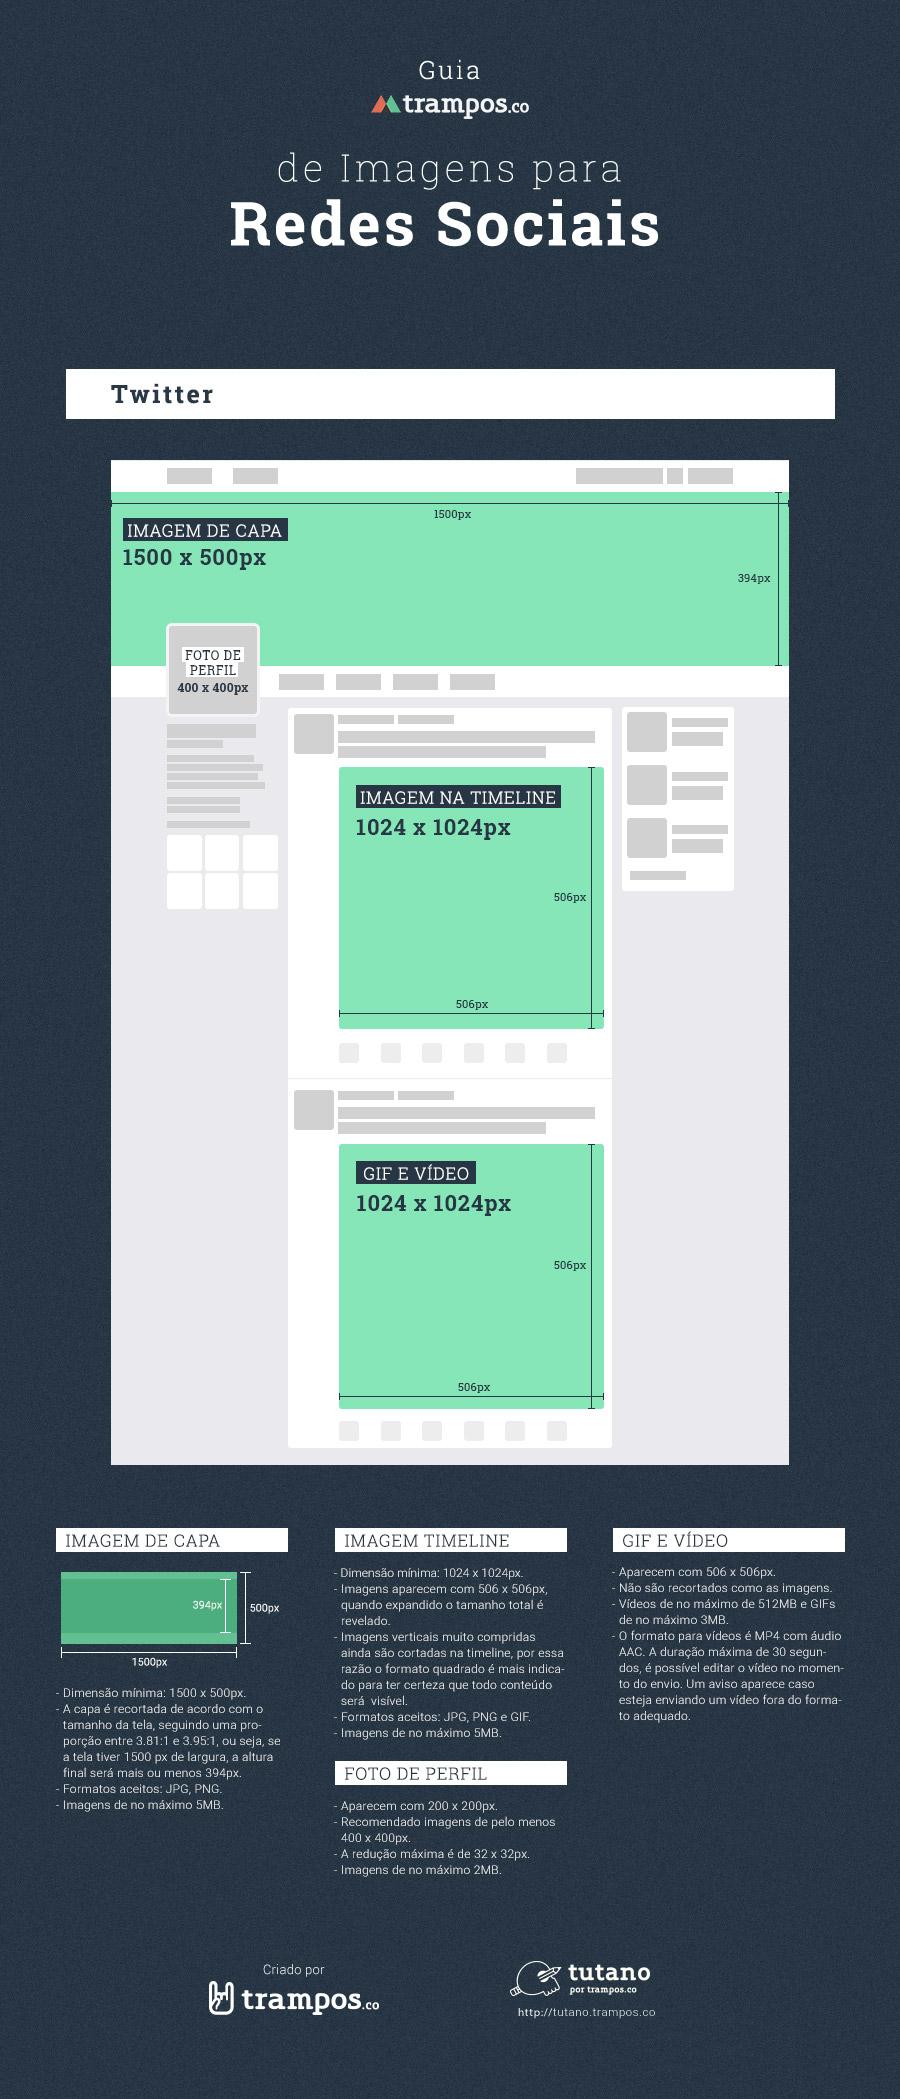 Guia trampos de tamanhos de imagens para mídias sociais: Twitter